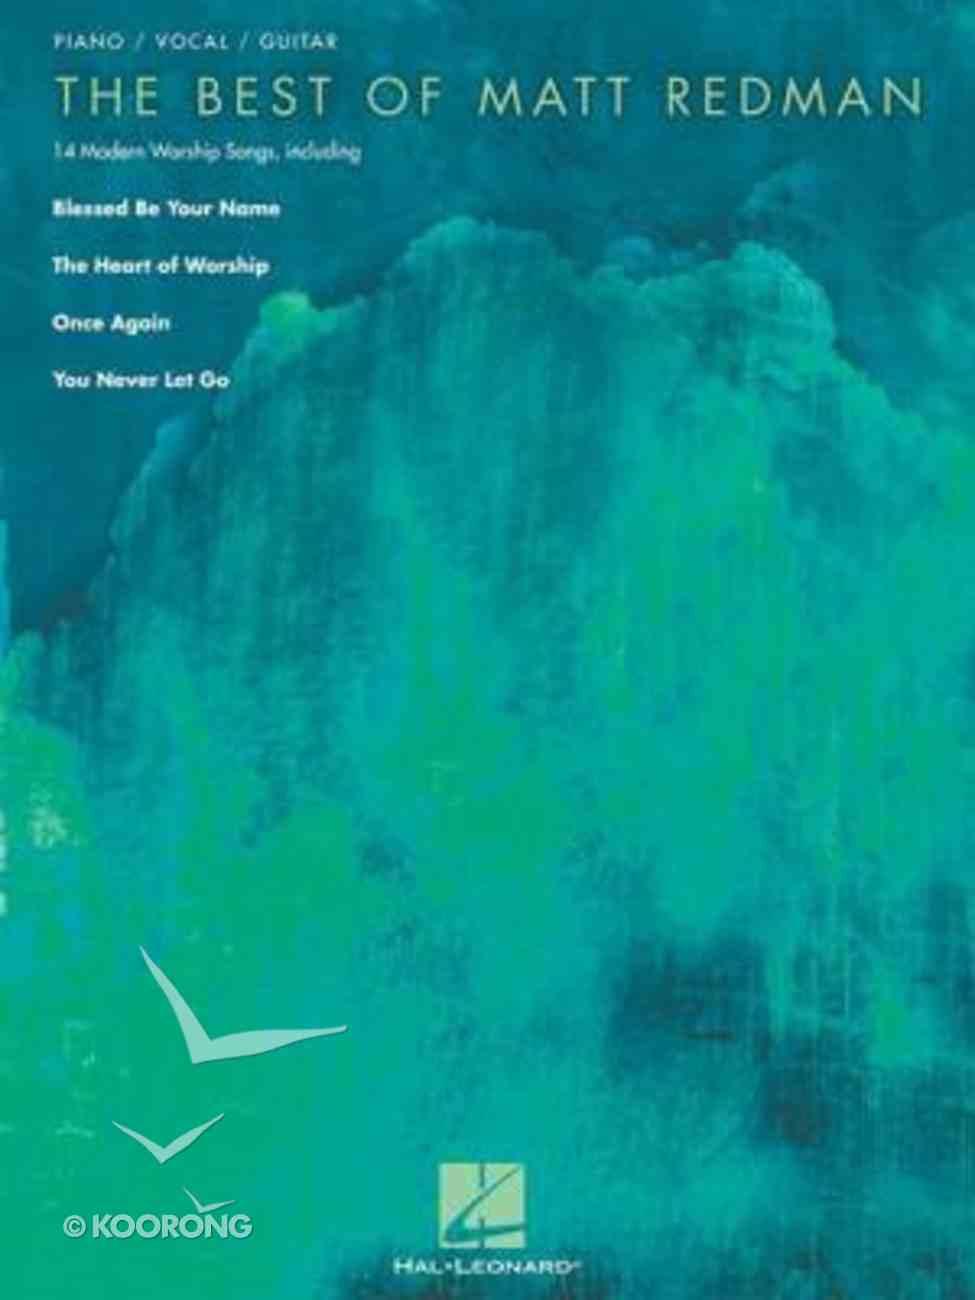 The Best of Matt Redman (Music Book) Paperback